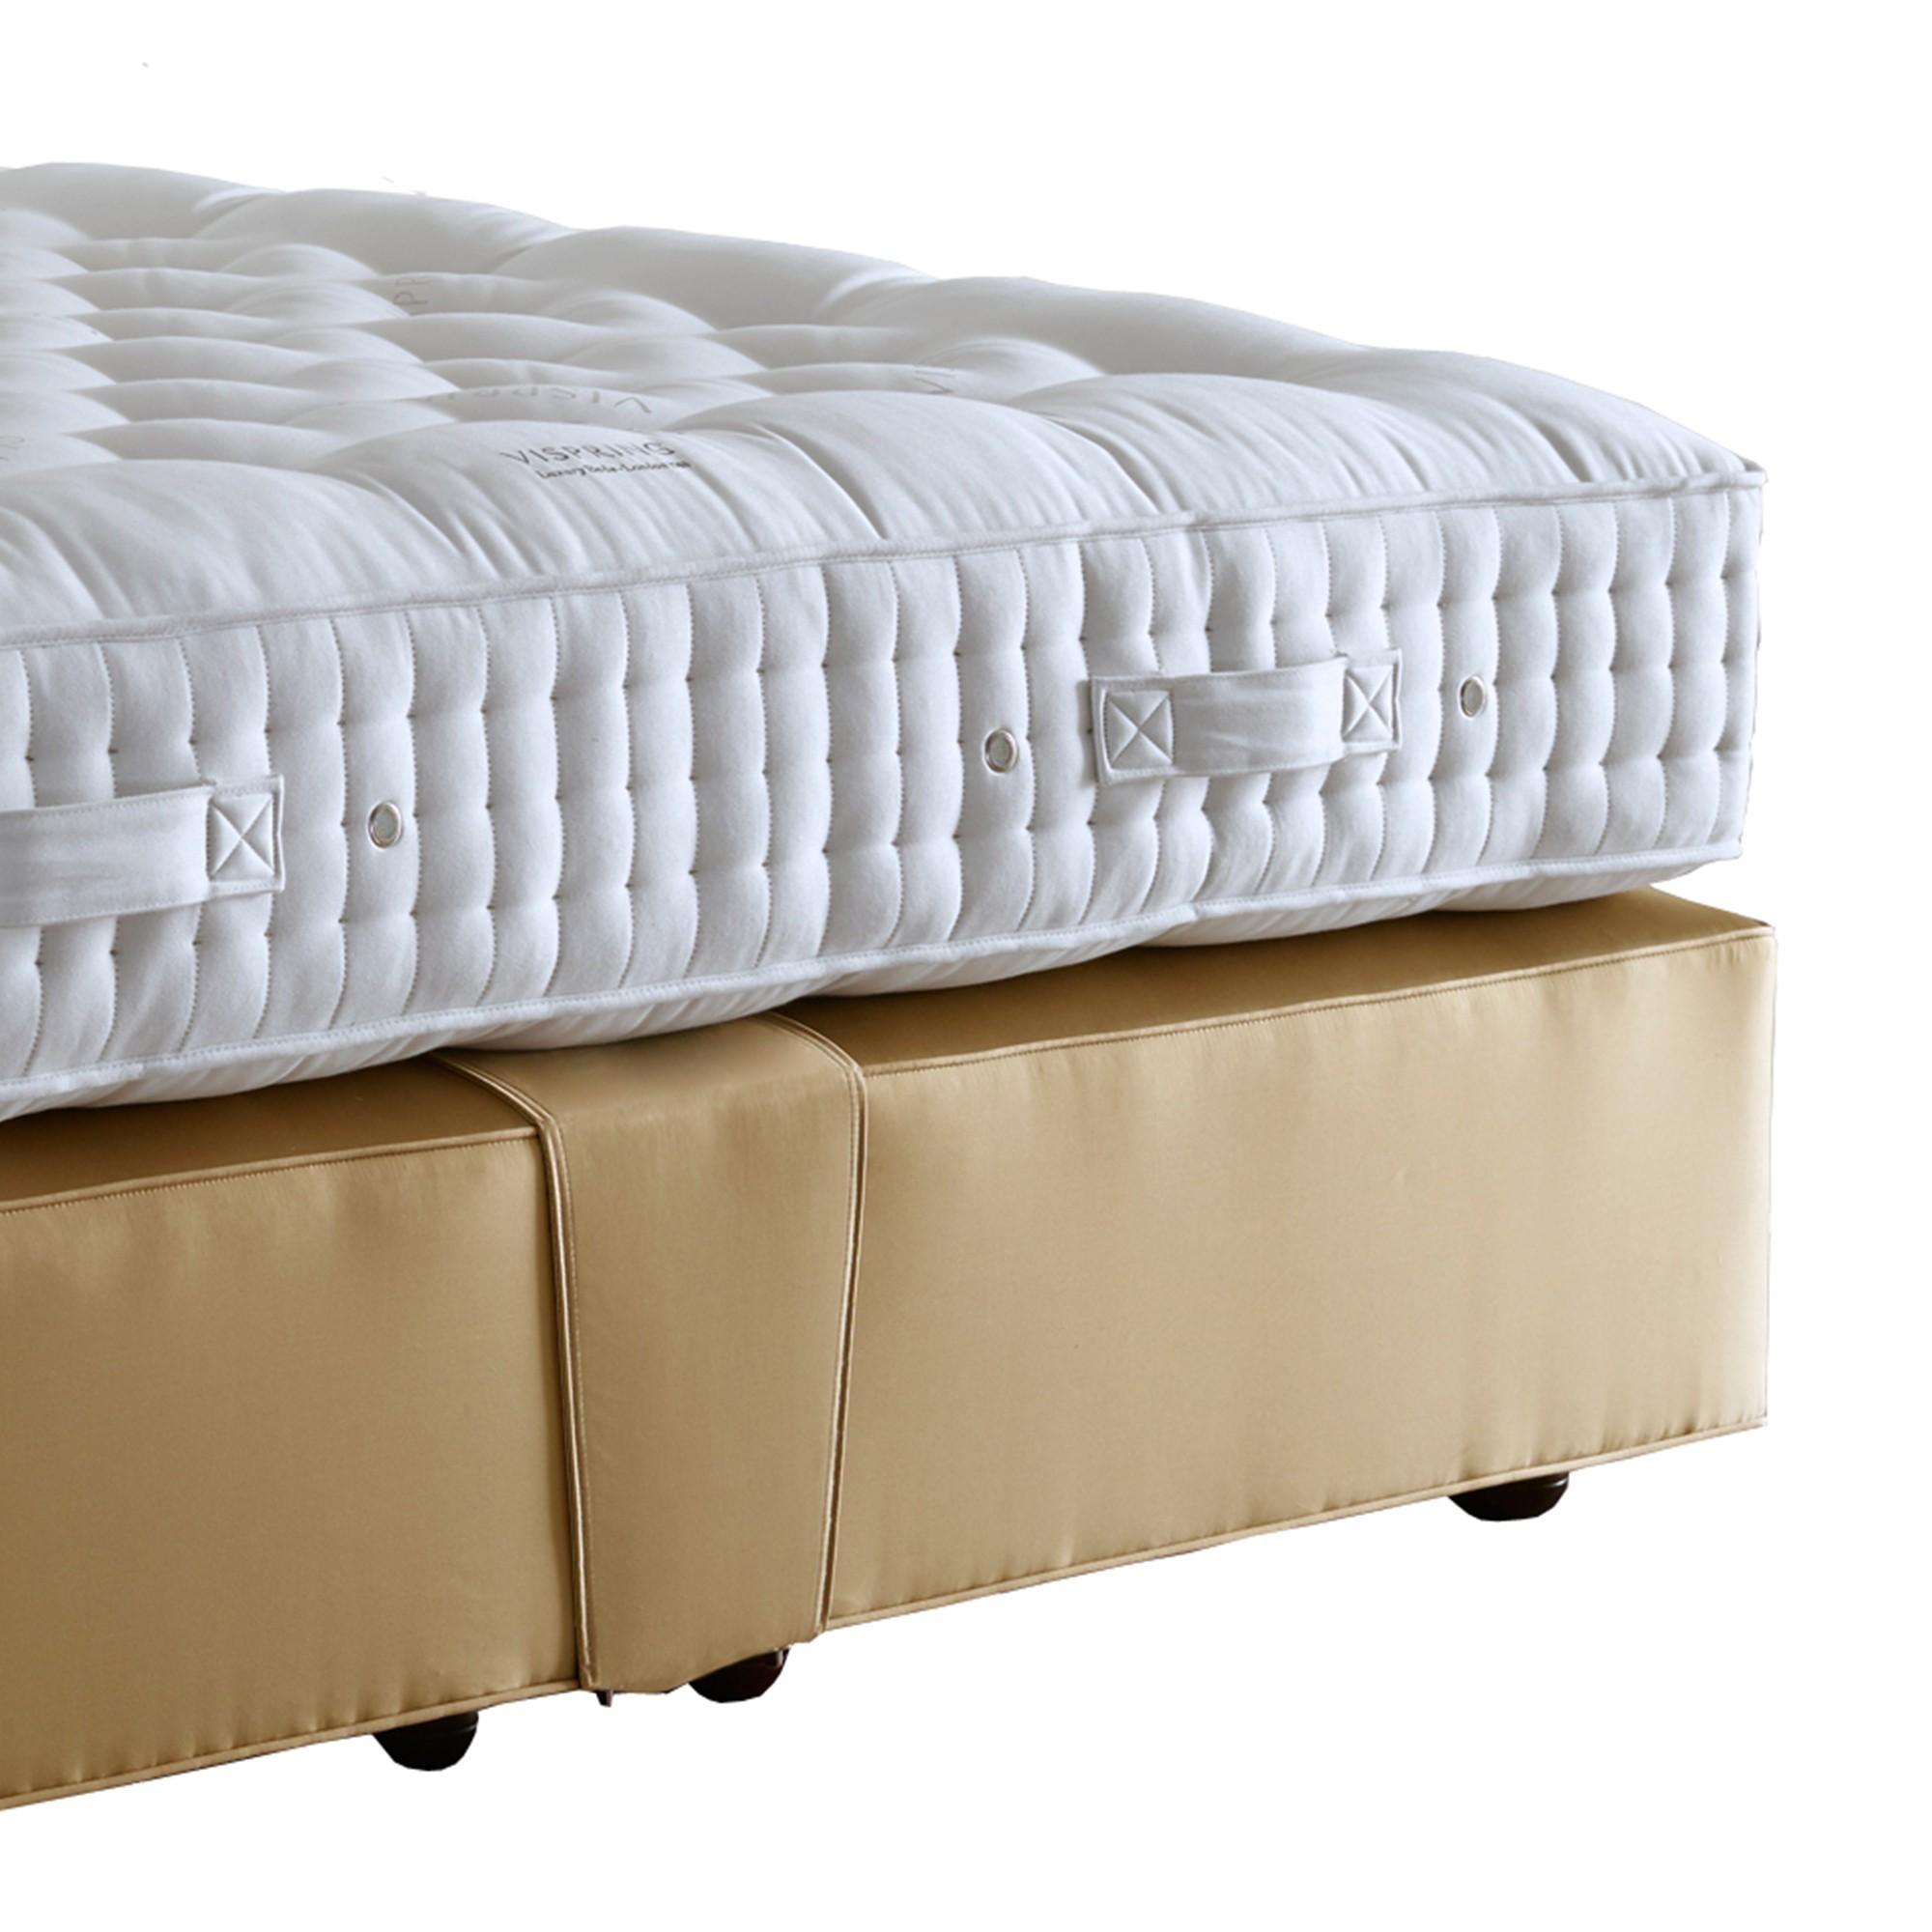 Vi Spring Tiara Superb Mattress - Vi Spring - Cookes Furniture